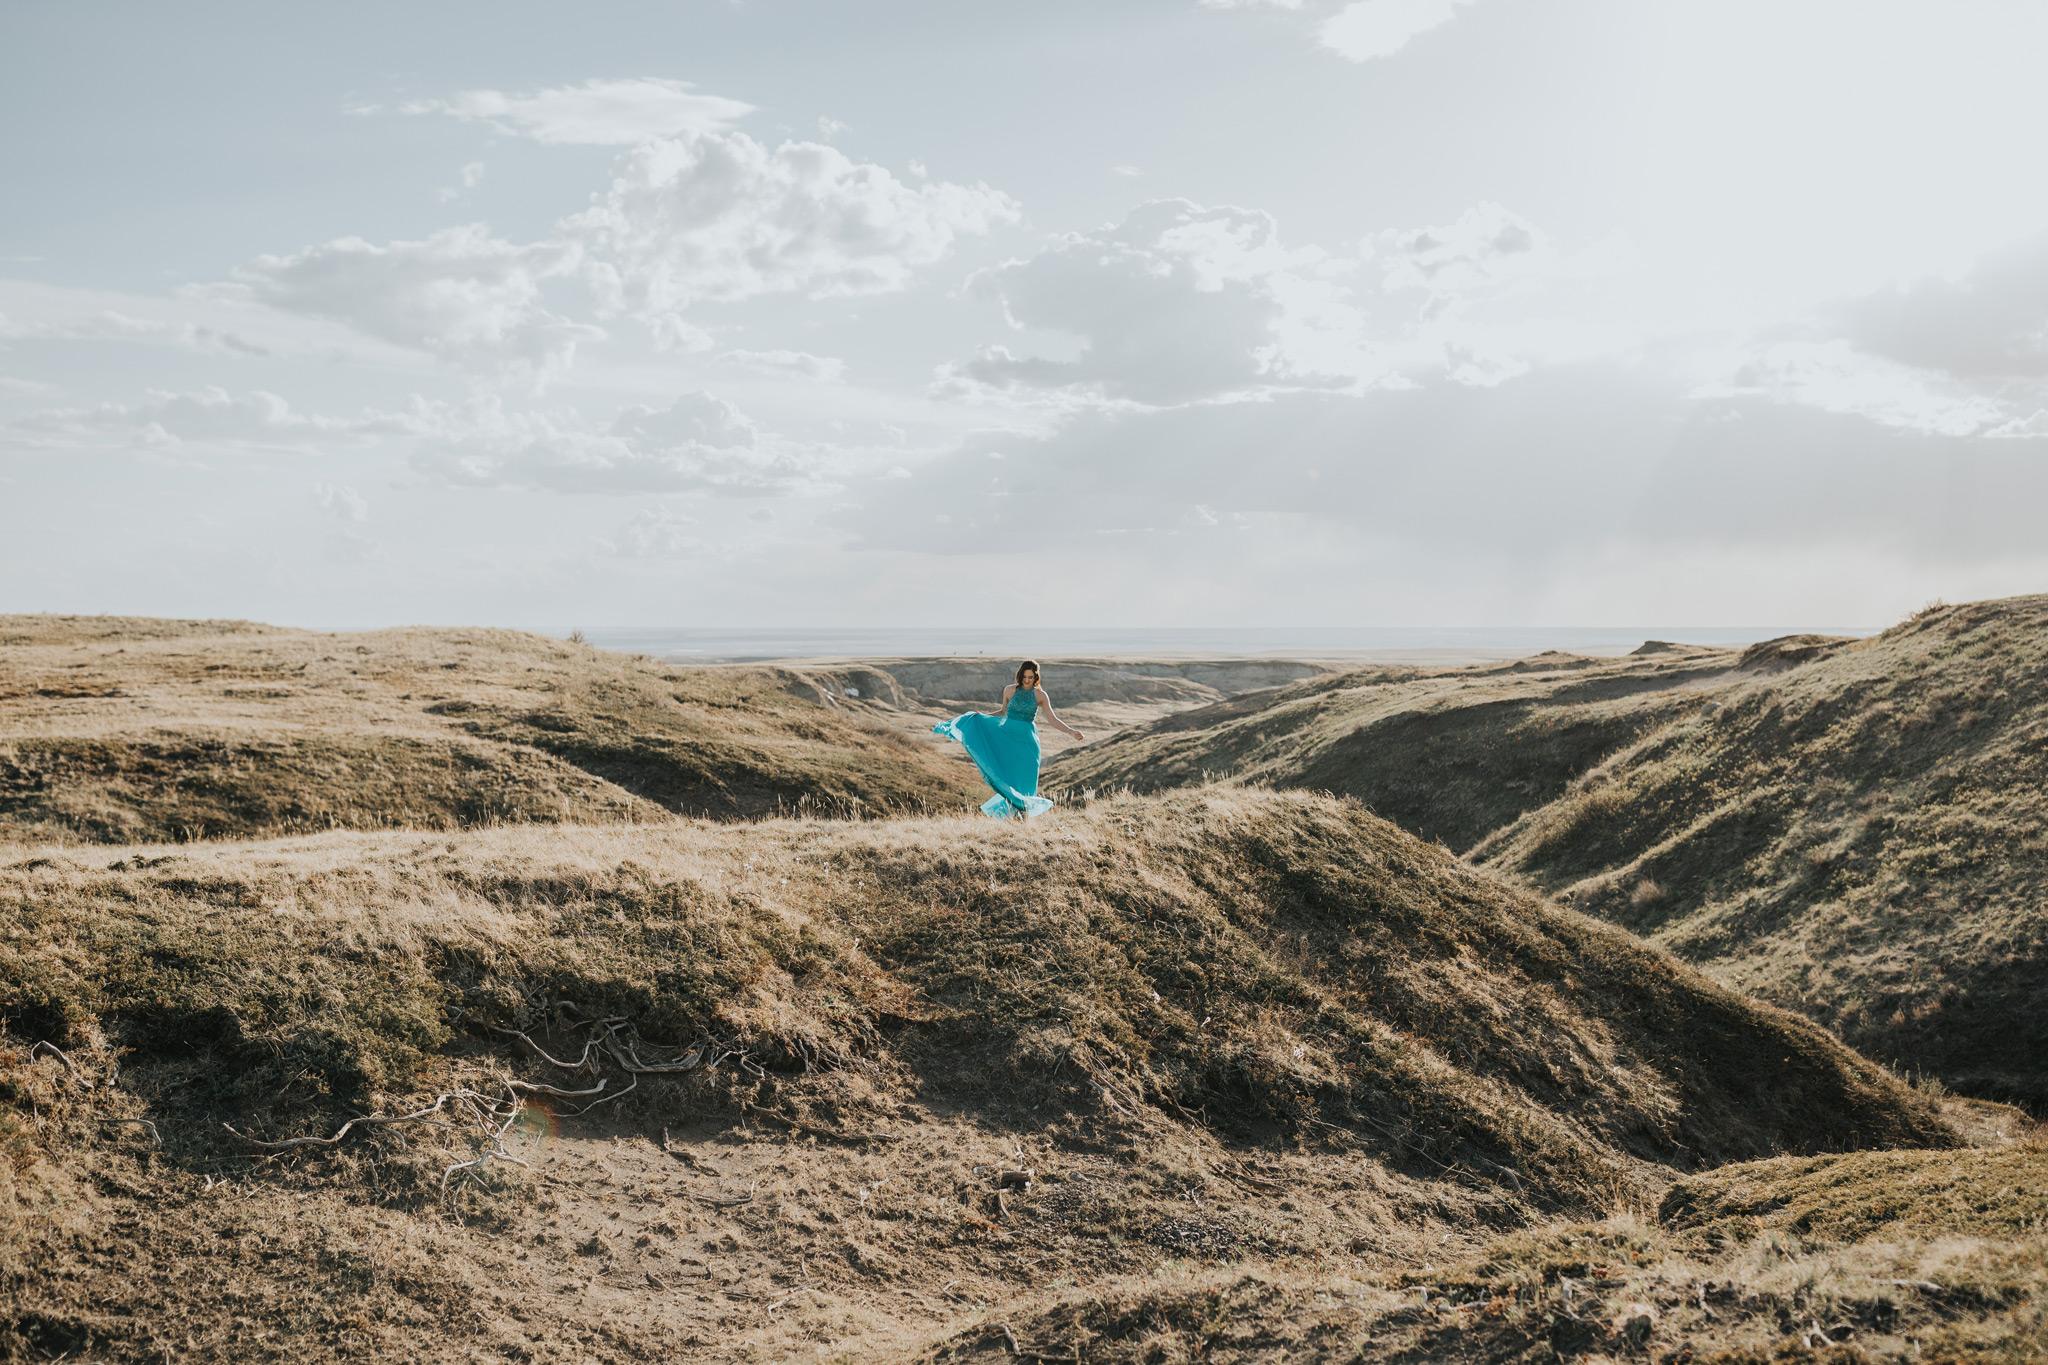 girl twirling in dress in distance landscape